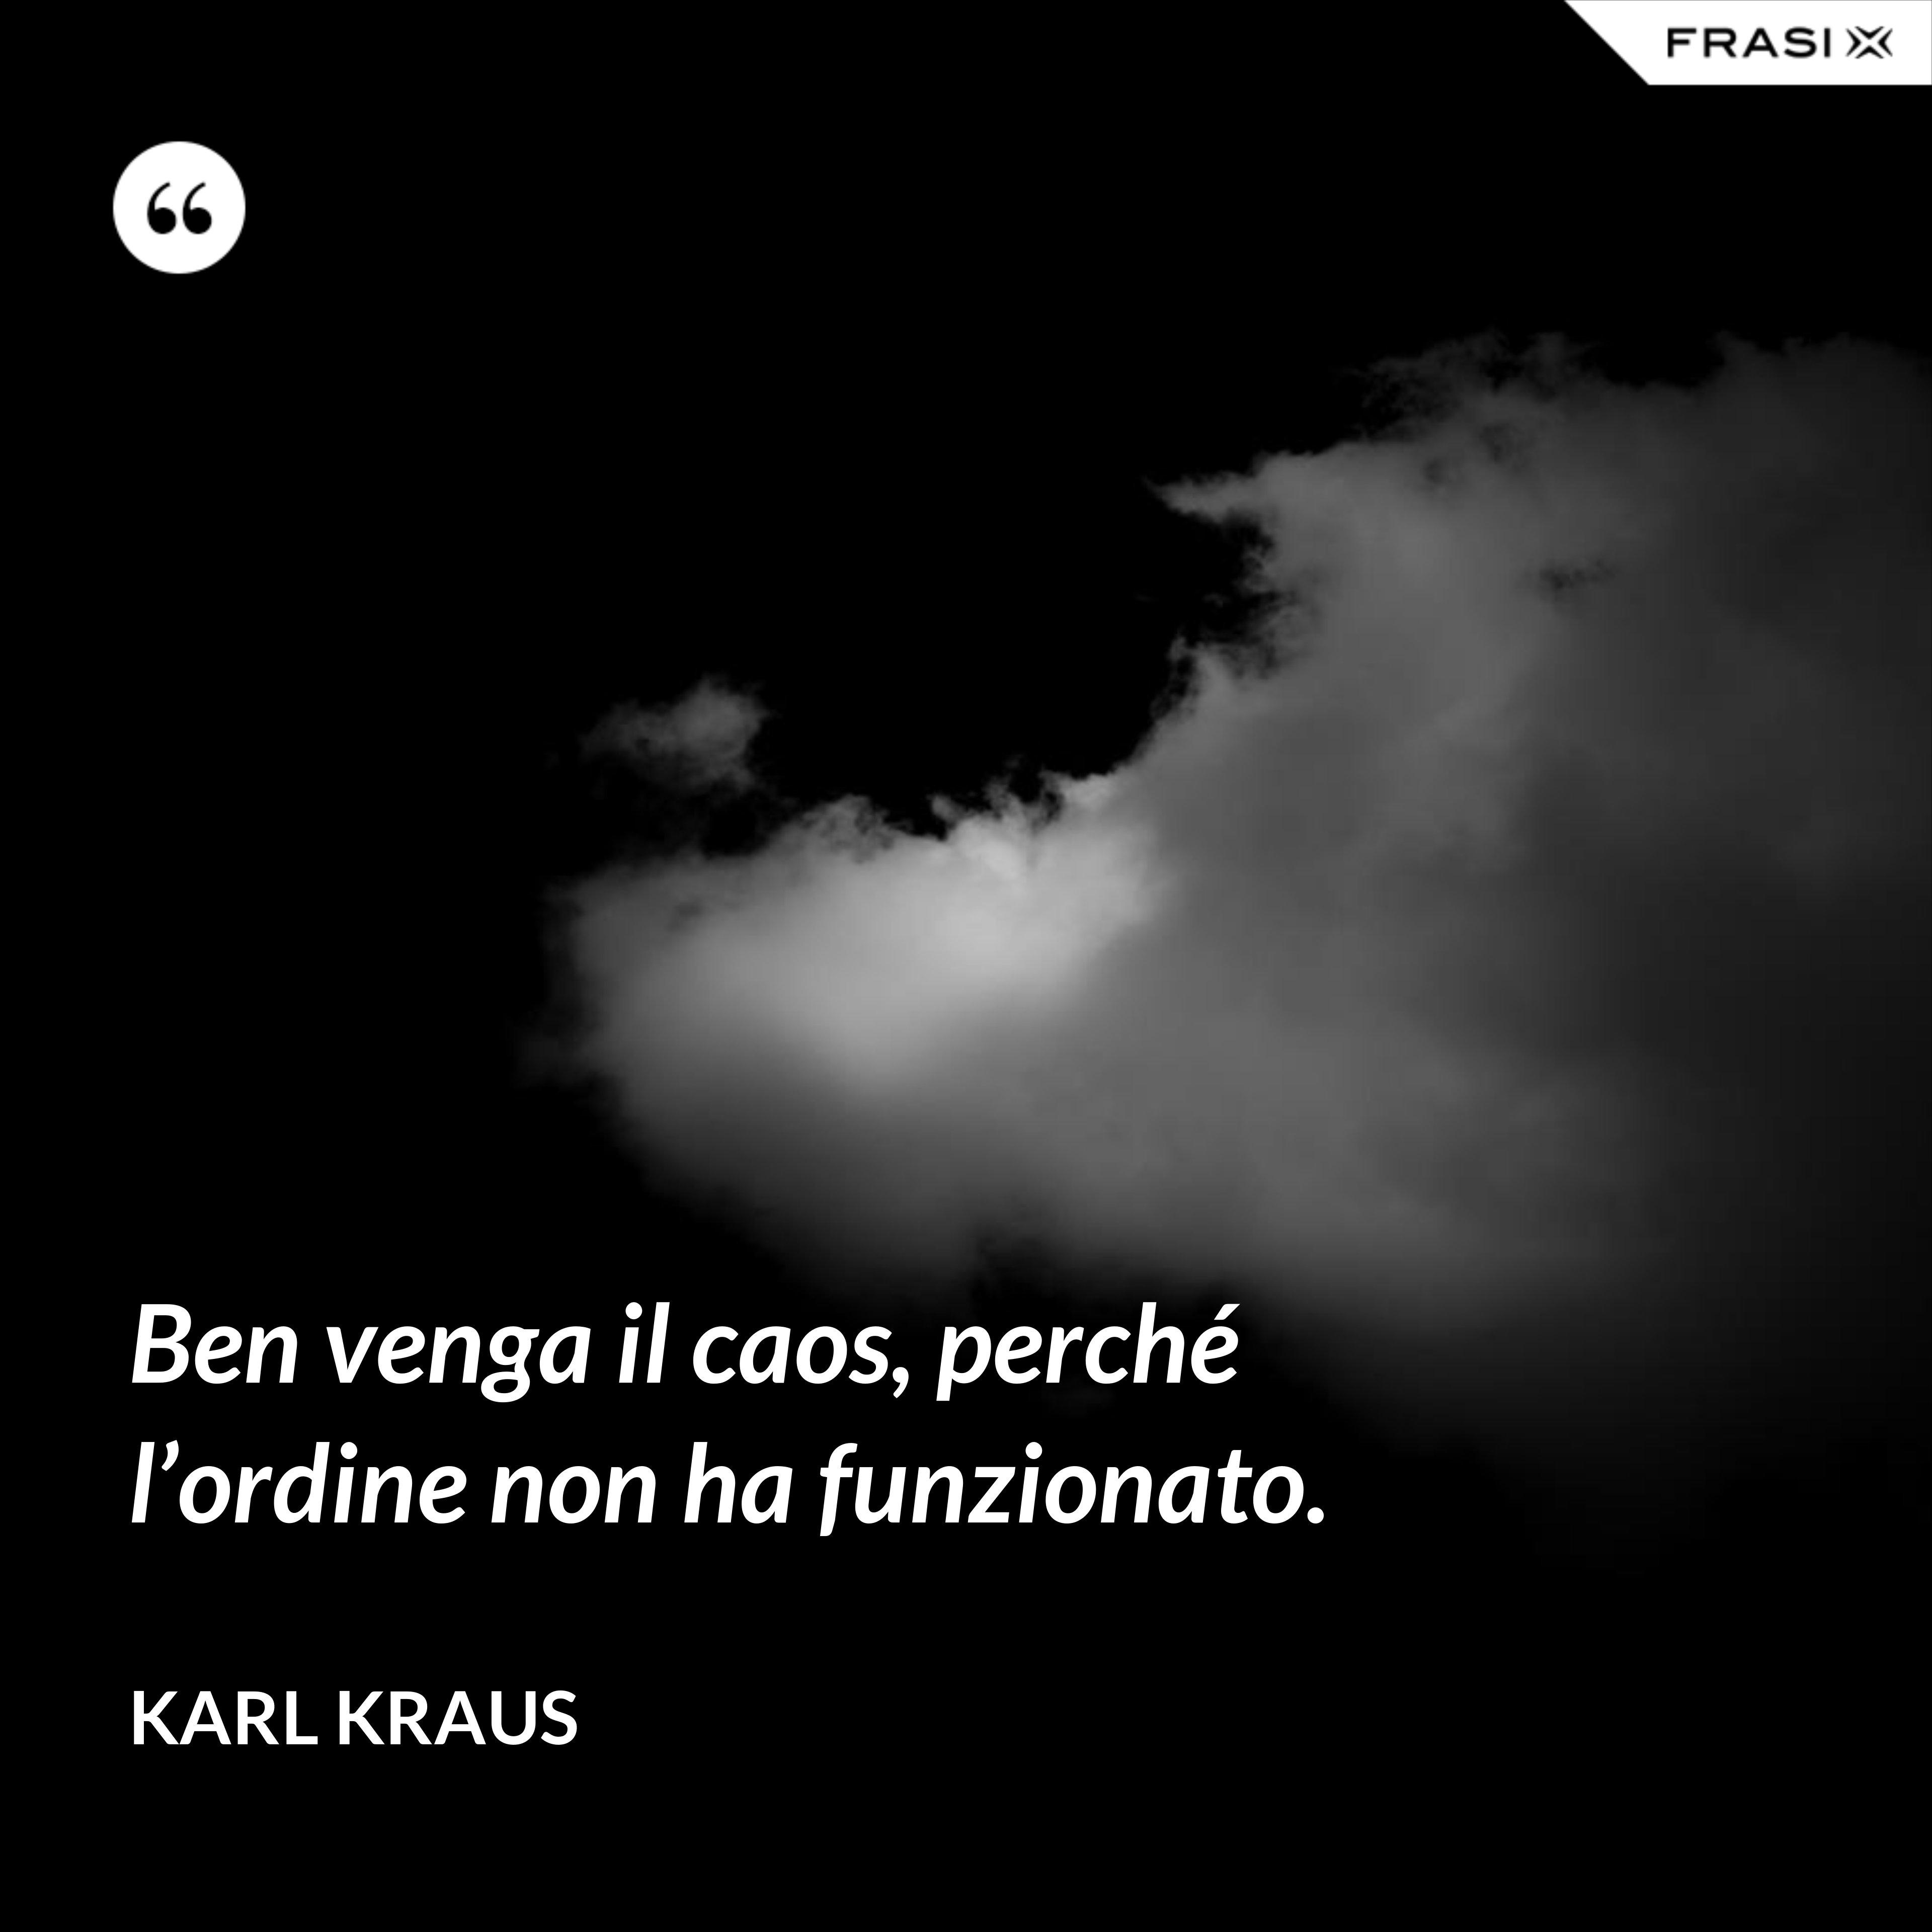 Ben venga il caos, perché l'ordine non ha funzionato. - Karl Kraus